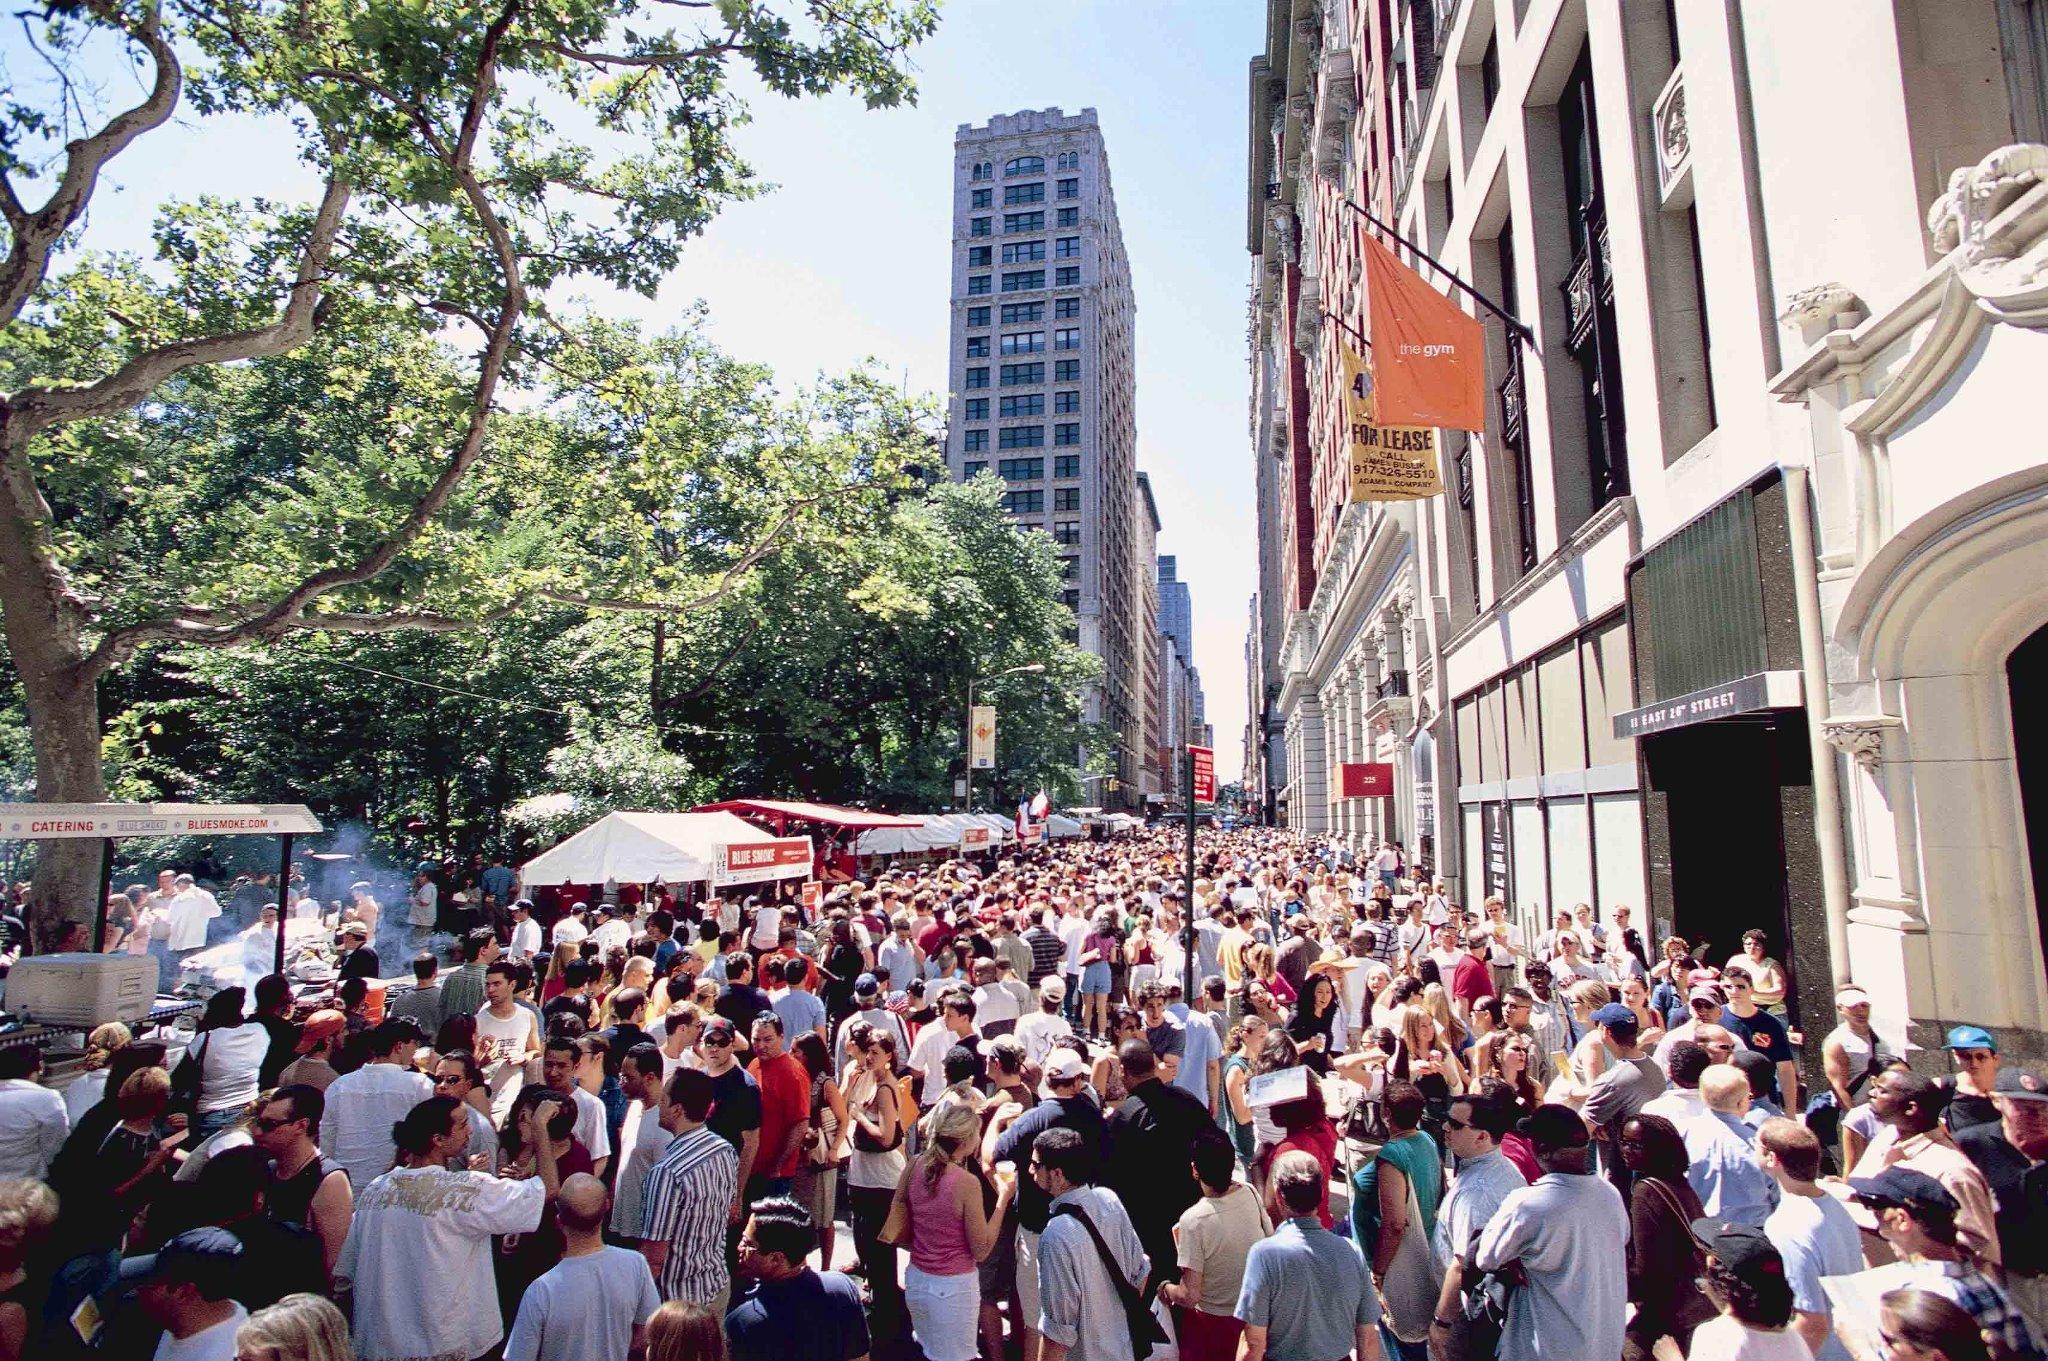 26th-Street-Looking-Towards-Broadway.jpg